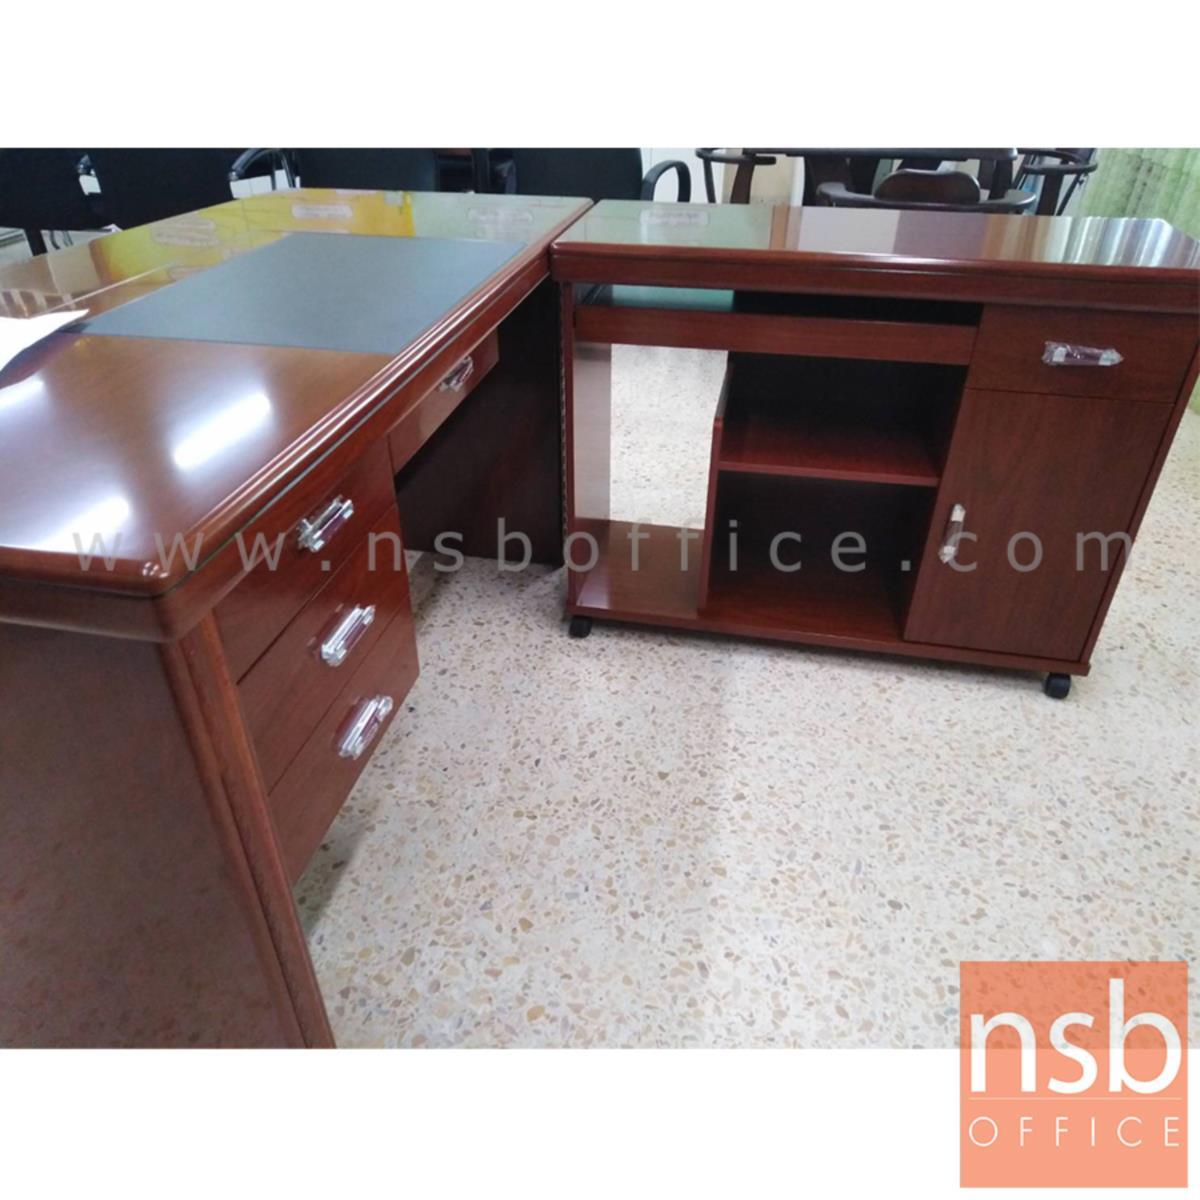 โต๊ะผู้บริหารตัวแอล 4 ลิ้นชัก  รุ่น Pleasant (พลีเซนต์) ขนาด 140W cm. พร้อมตู้ข้าง